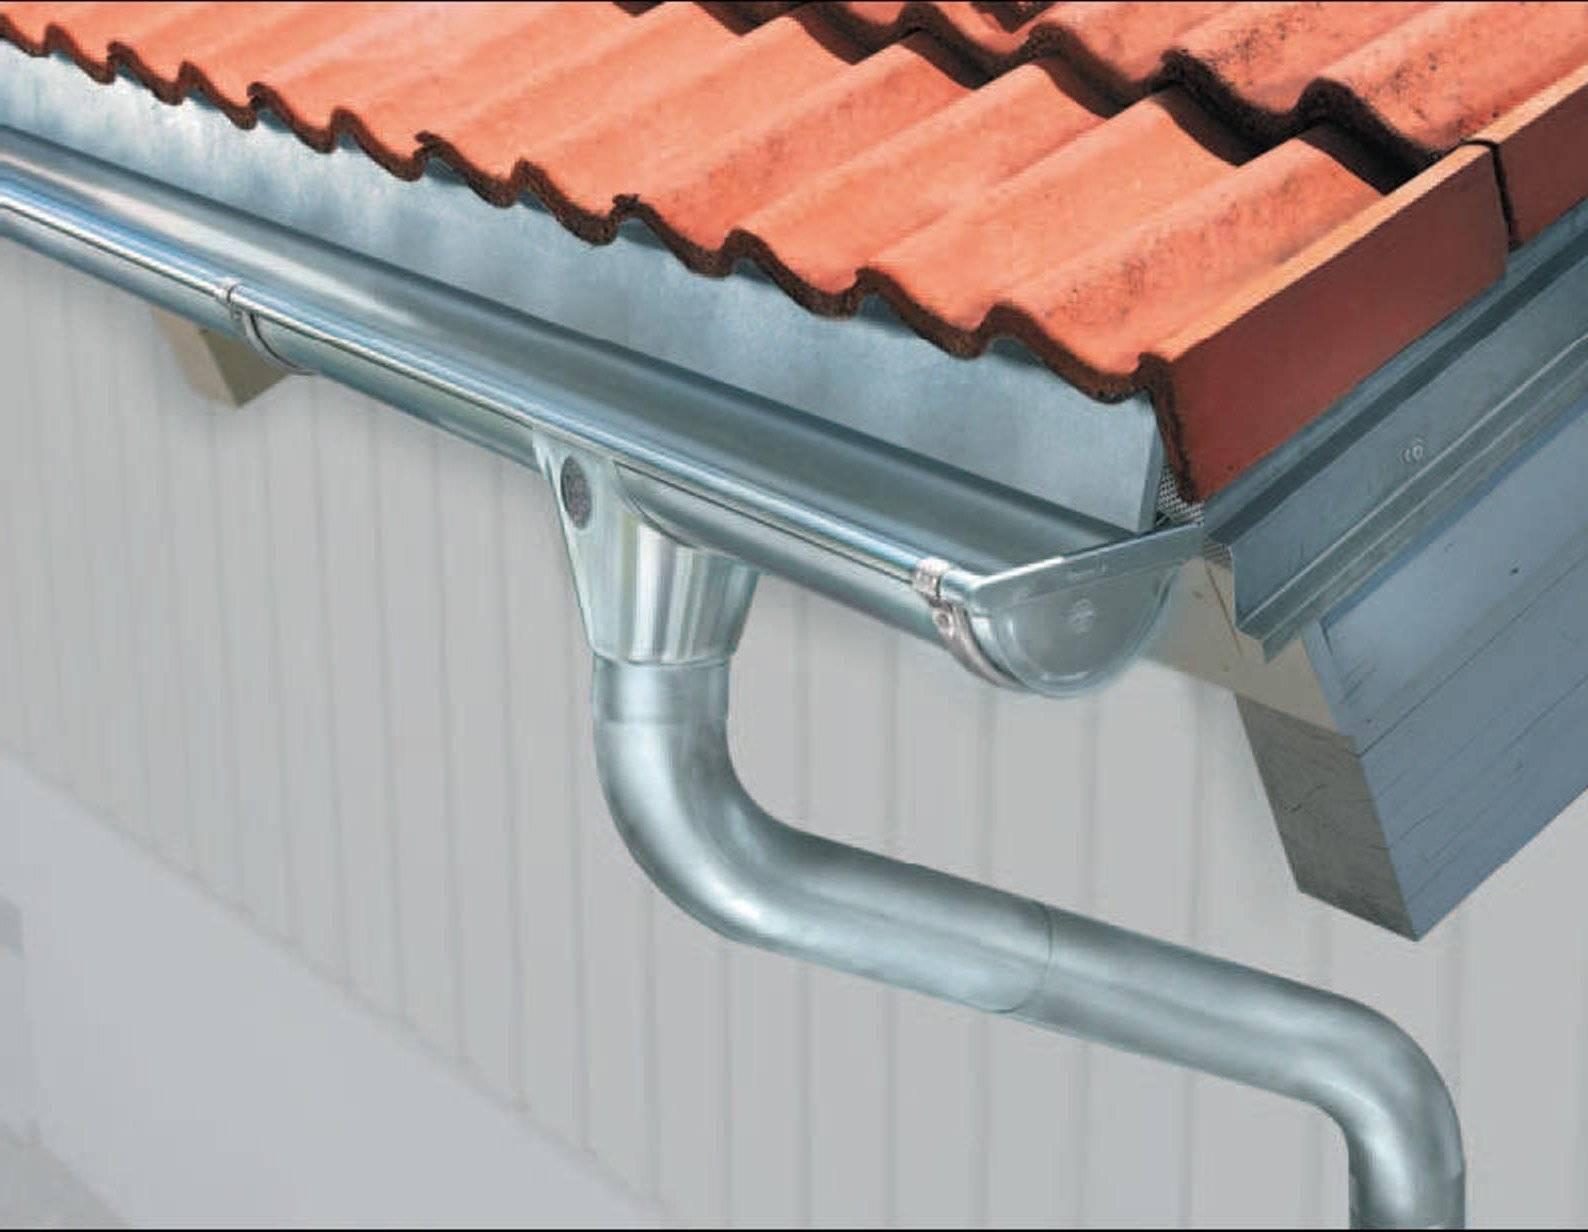 Плюсы и минусы металлических водостоков для крыши из меди, алюминия, цинка, а также особенности монтажа